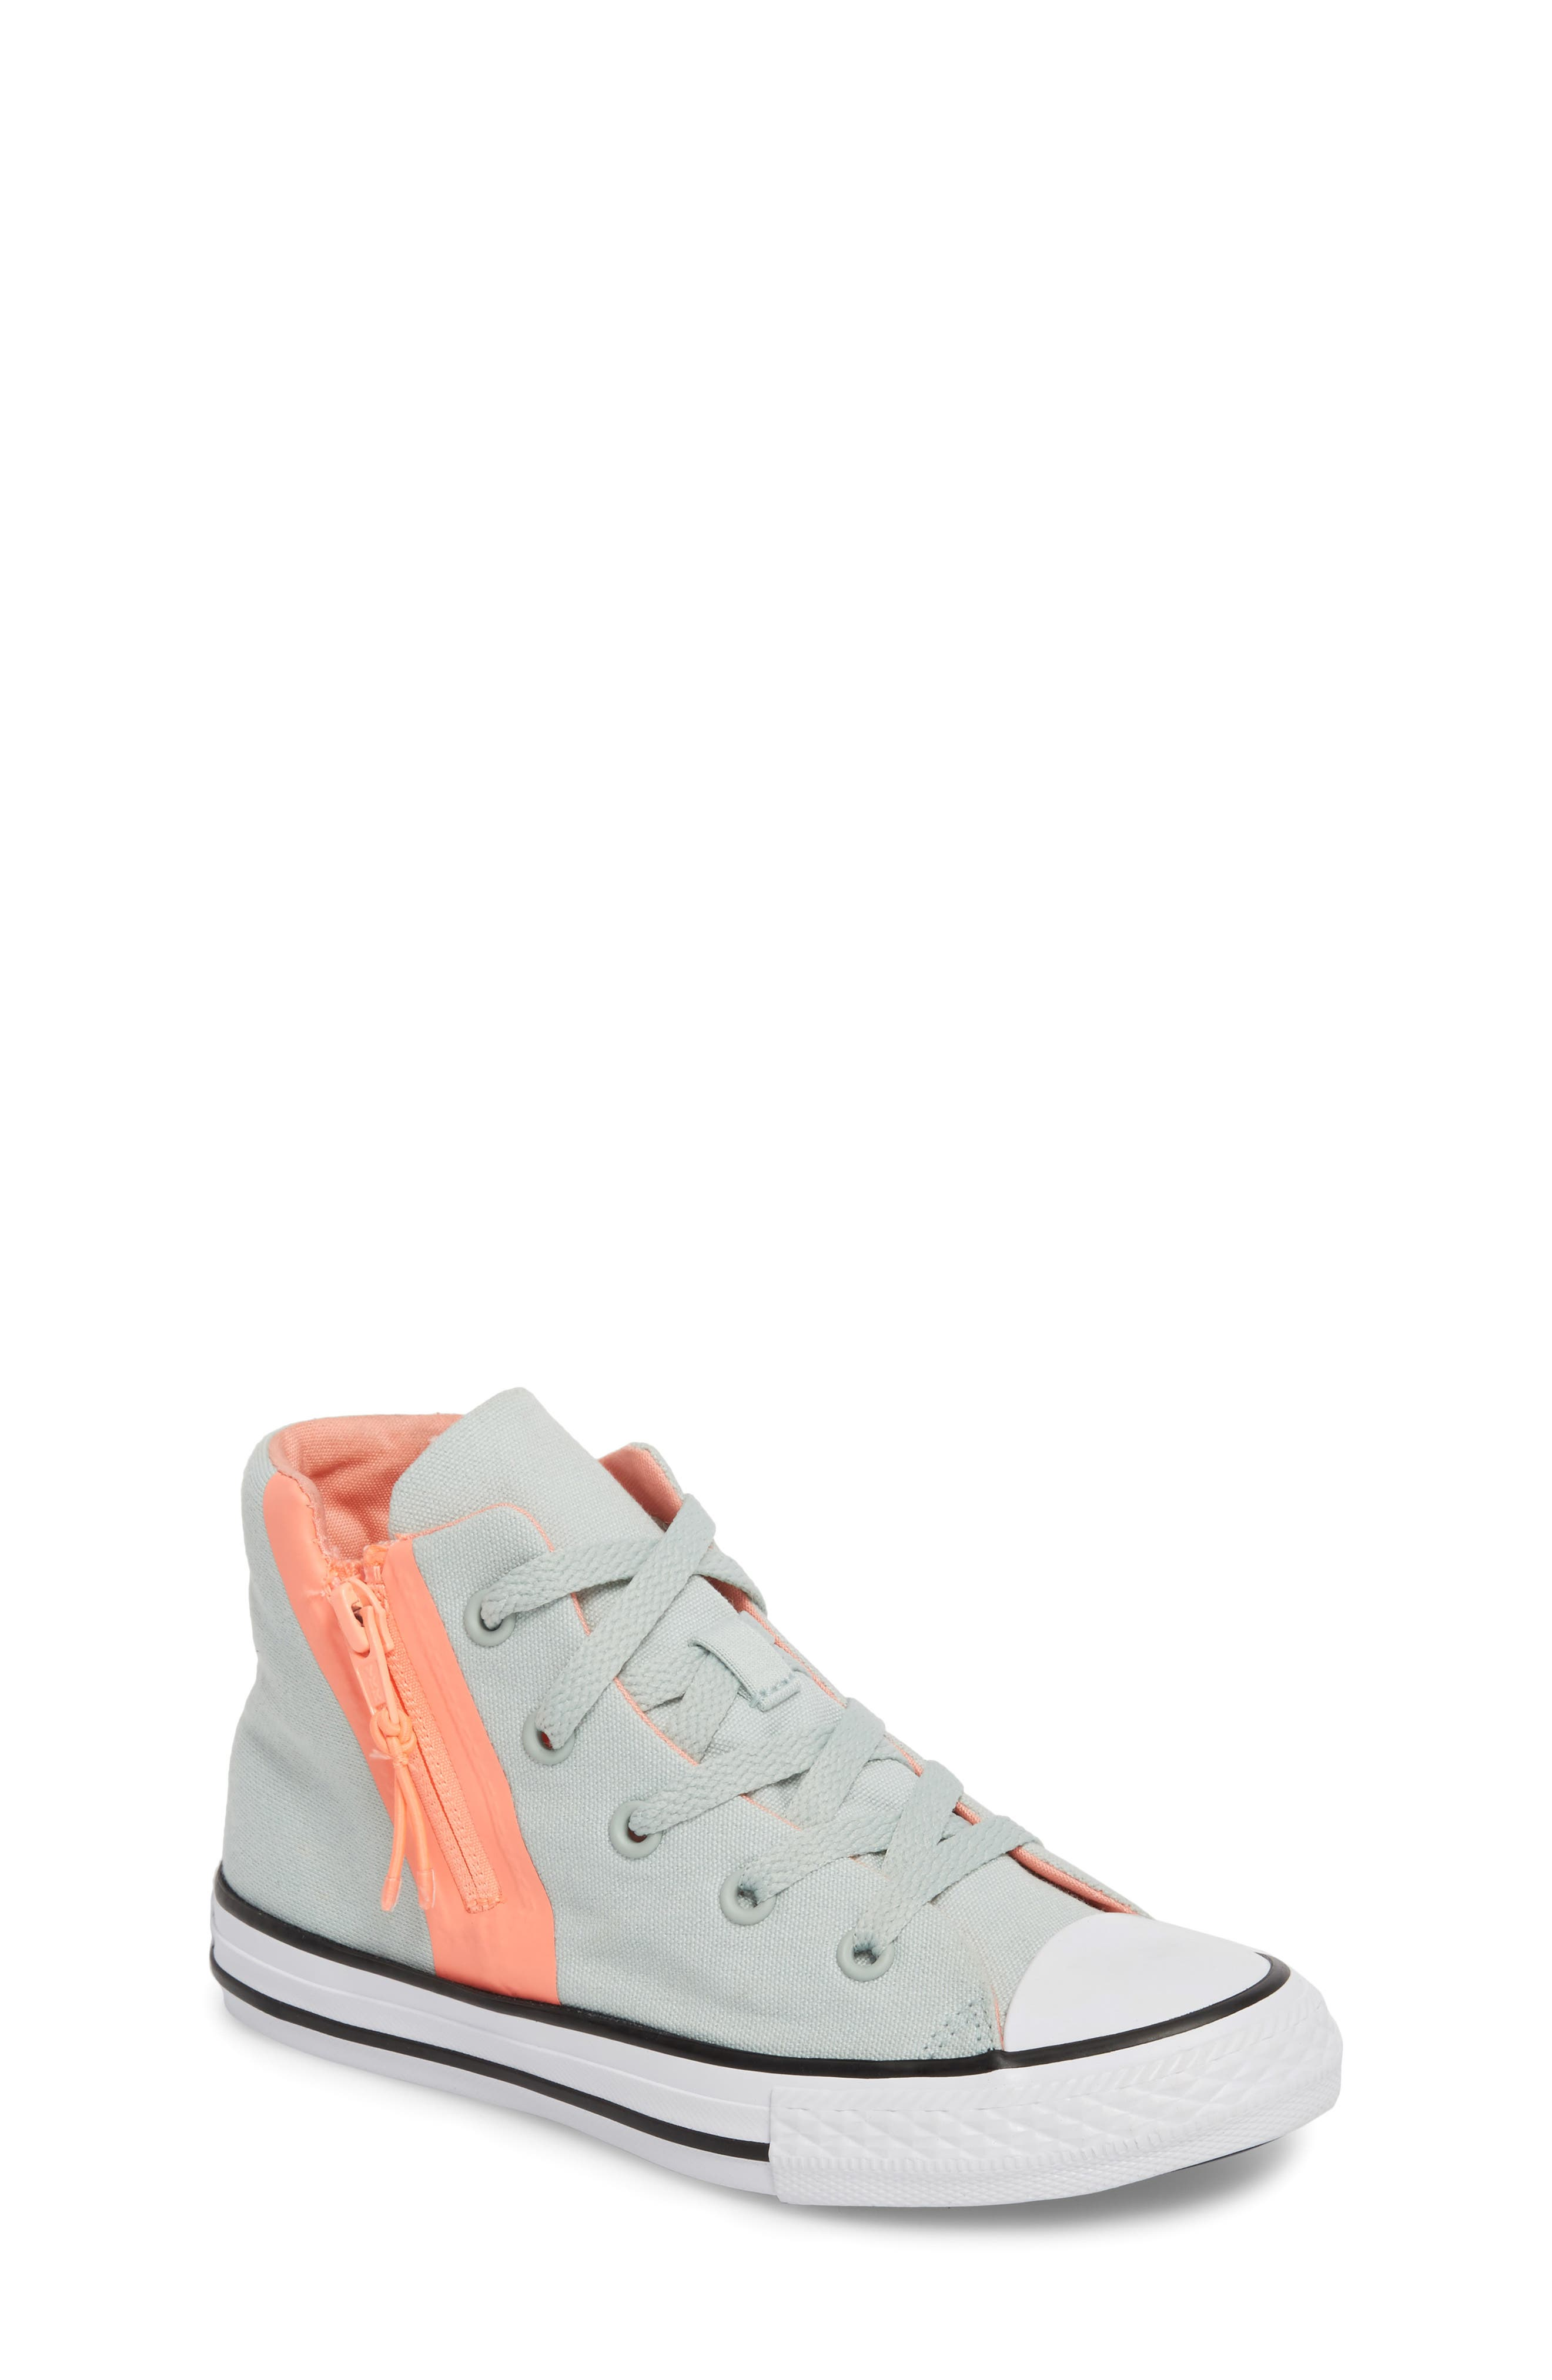 Converse Chuck Taylor® All Star® Sport Zip High Top Sneaker (Toddler, Little